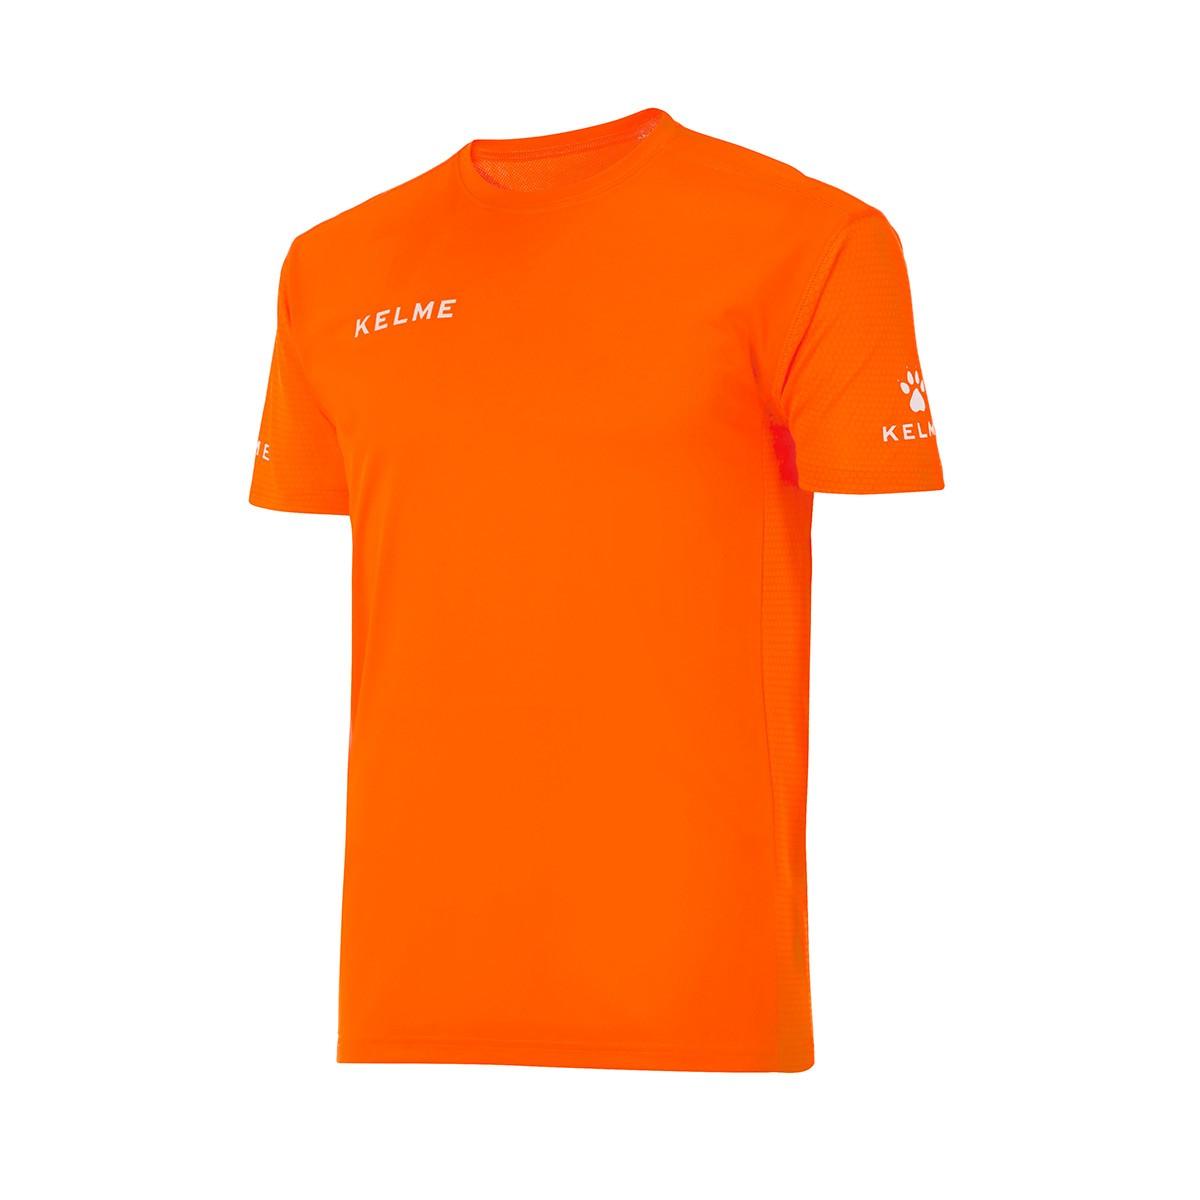 b3a7e9e8e2 Camiseta Kelme Campus m/c Naranja - Tienda de fútbol Fútbol Emotion